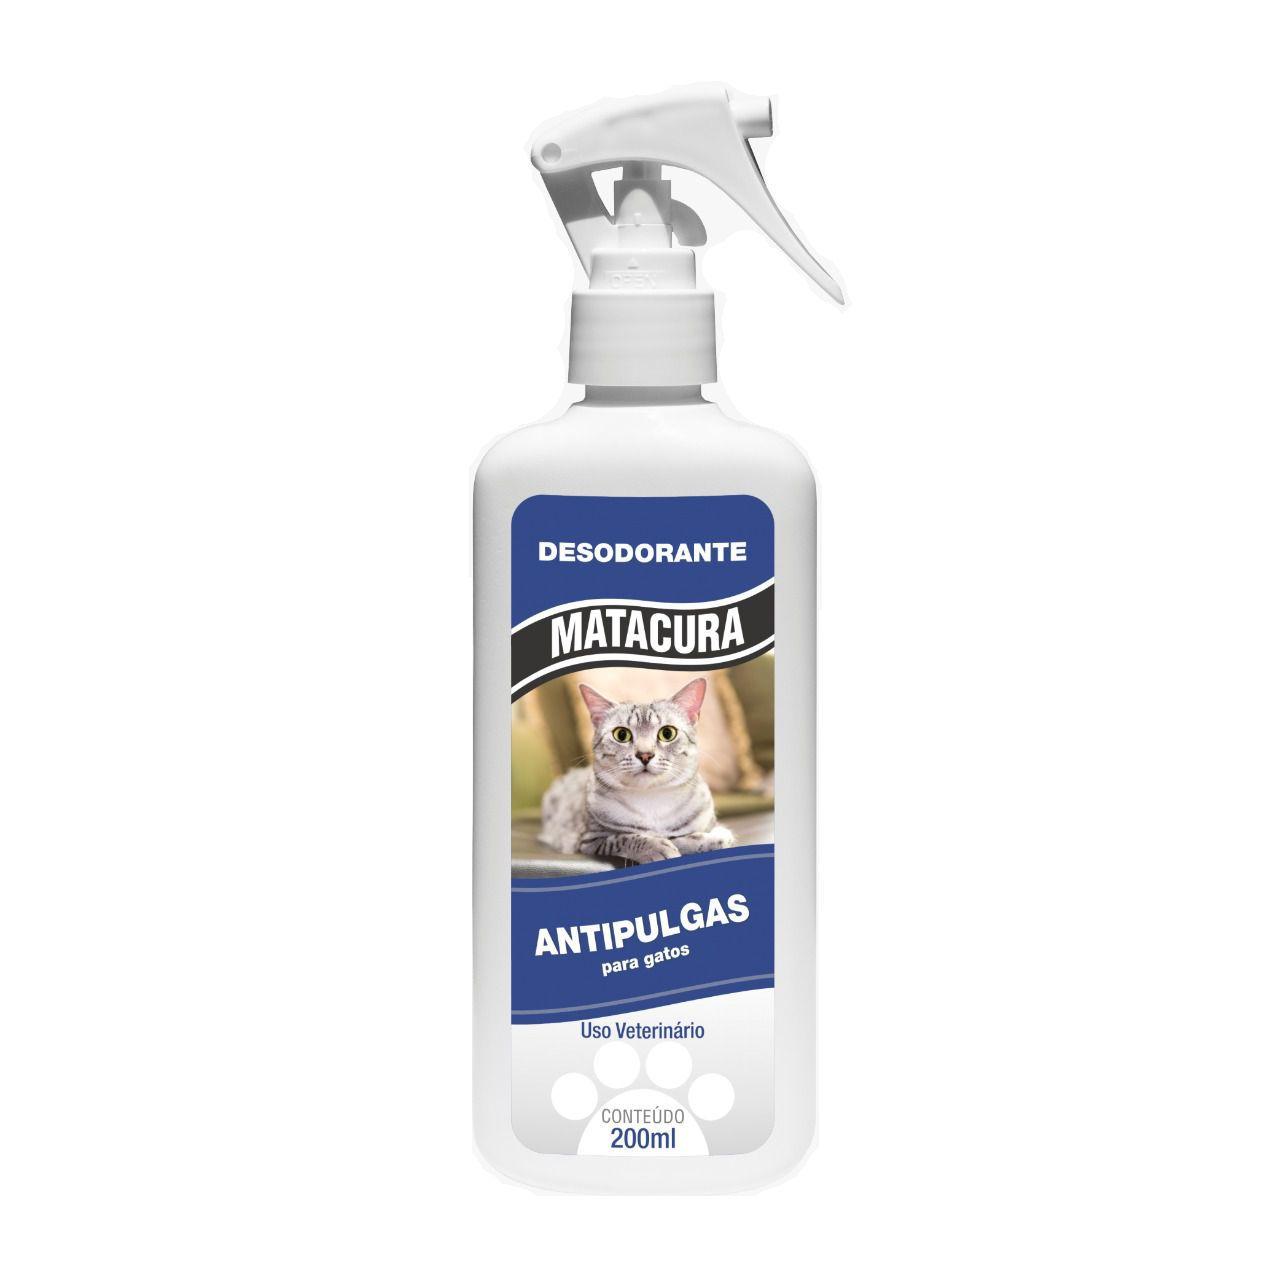 Desodorante Matacura Antipulgas Gatos